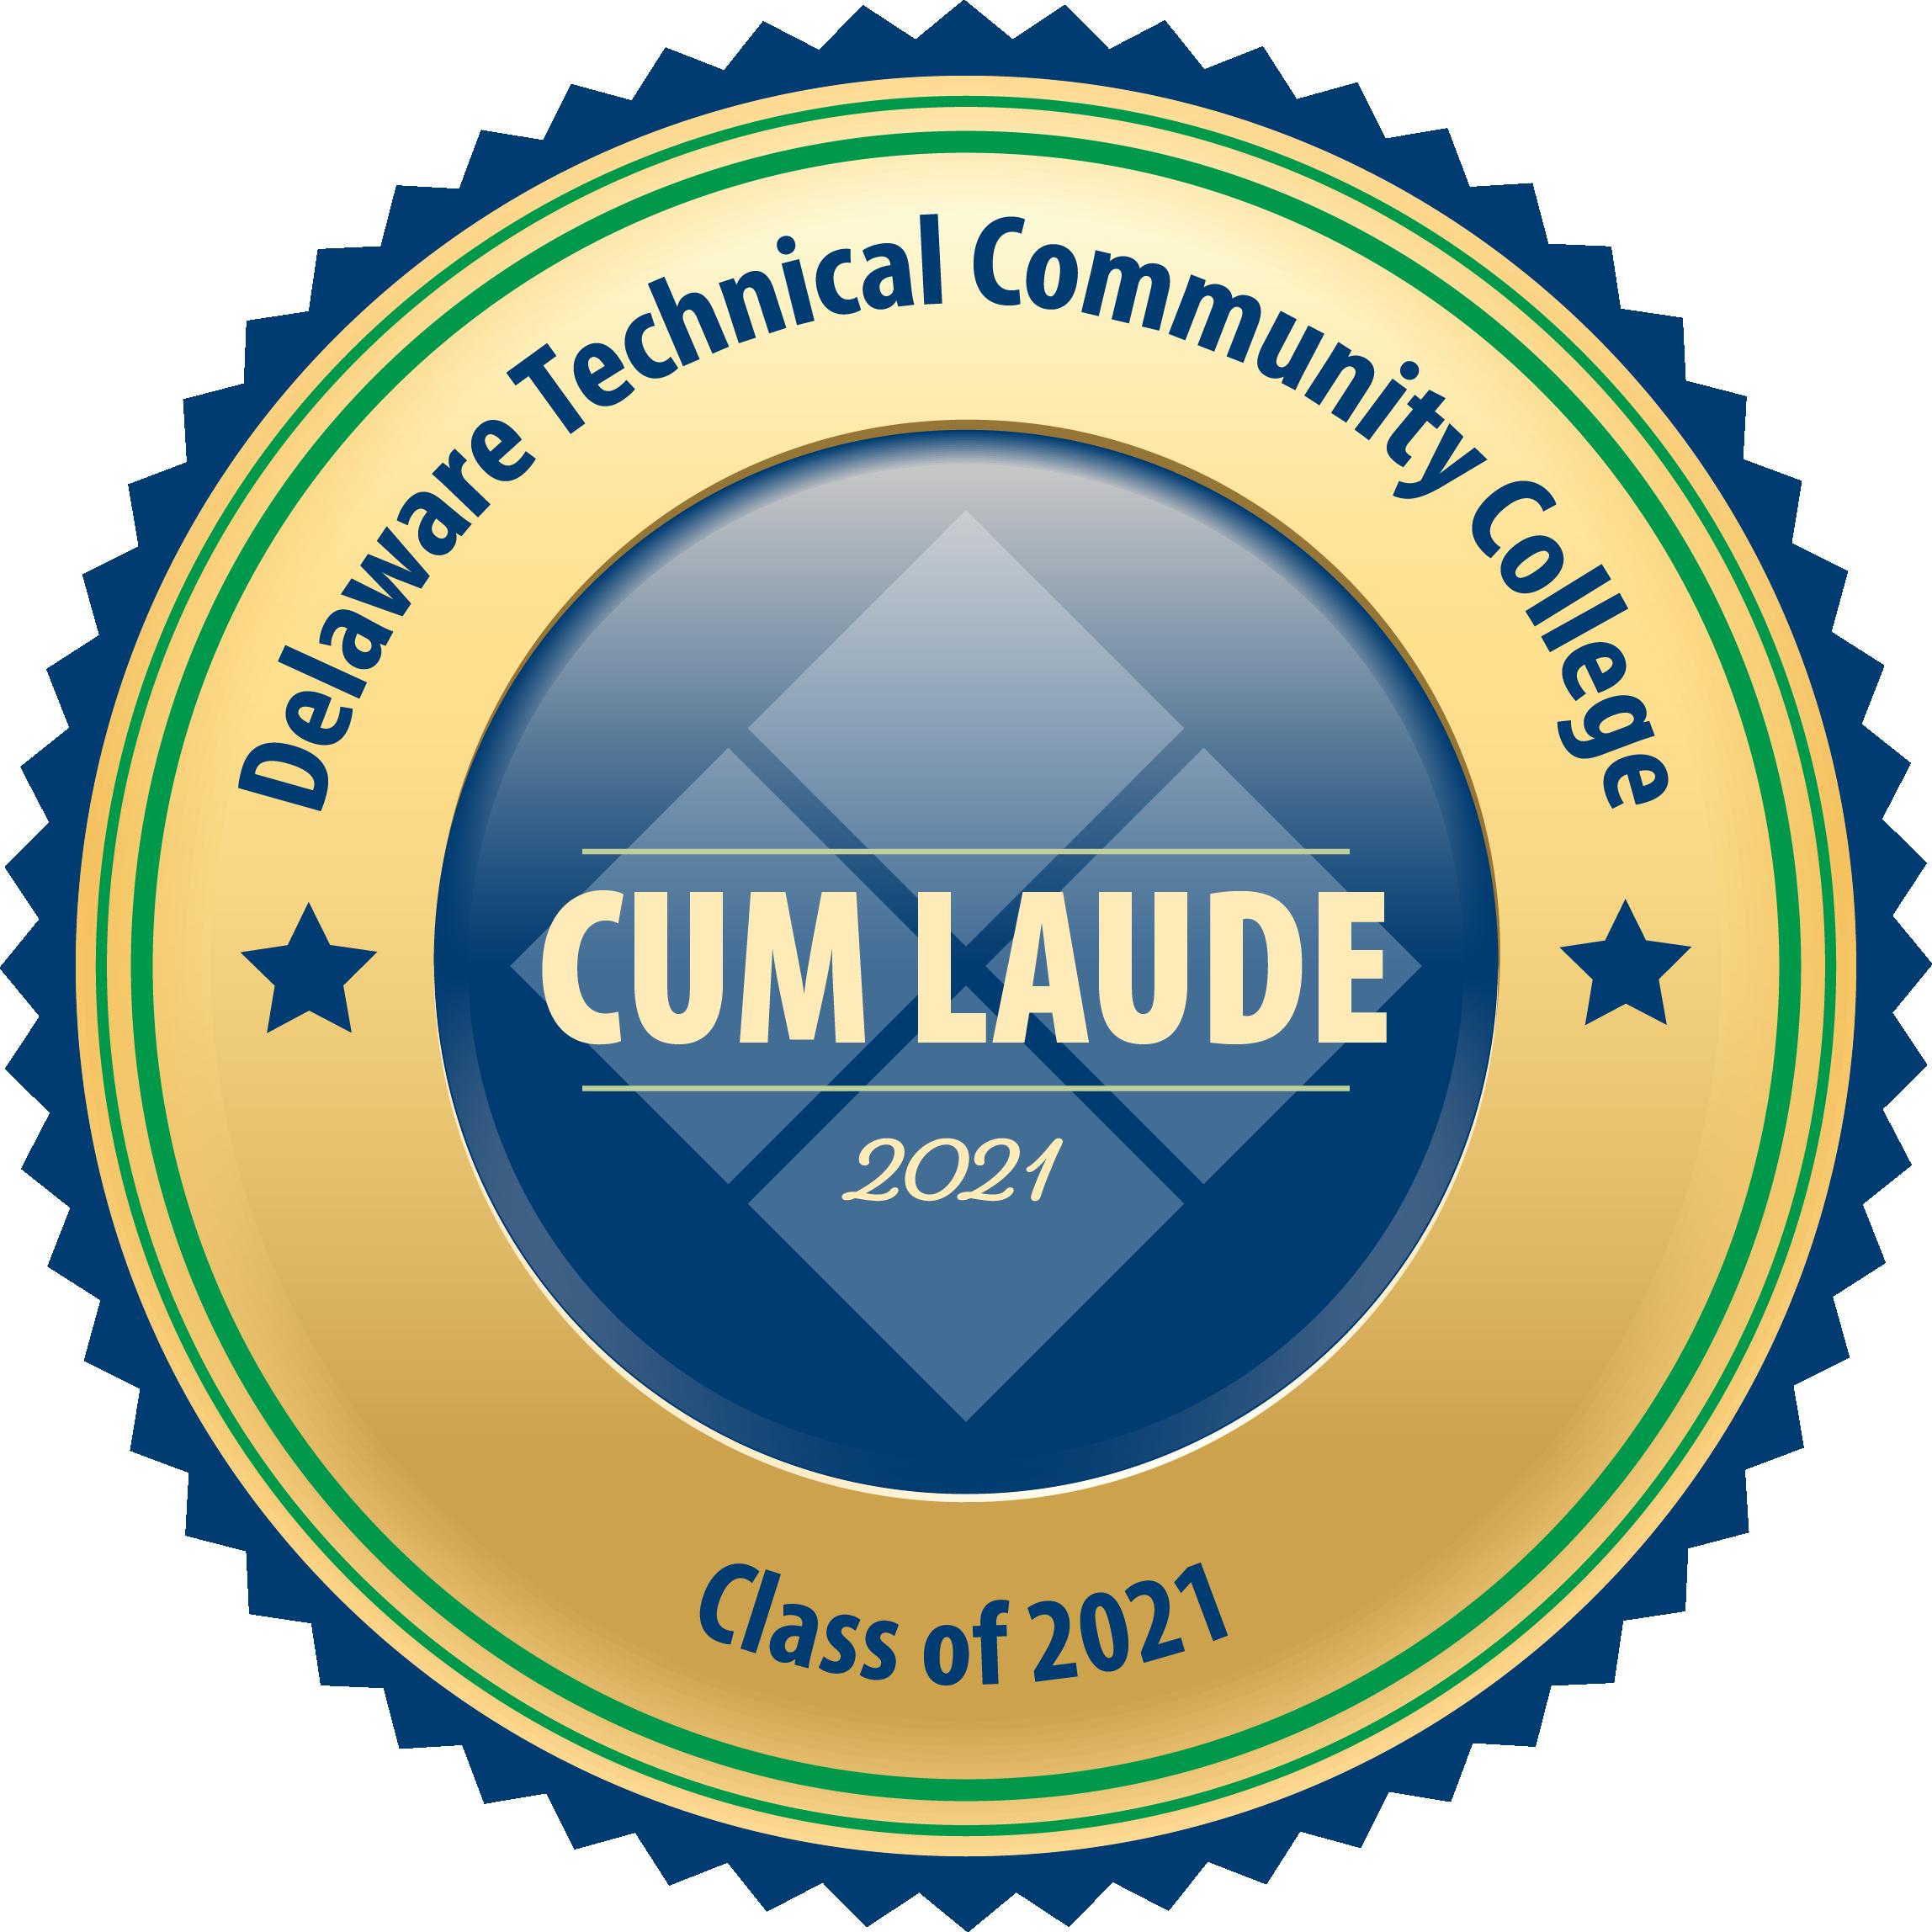 Link to Cum Laude Sticker